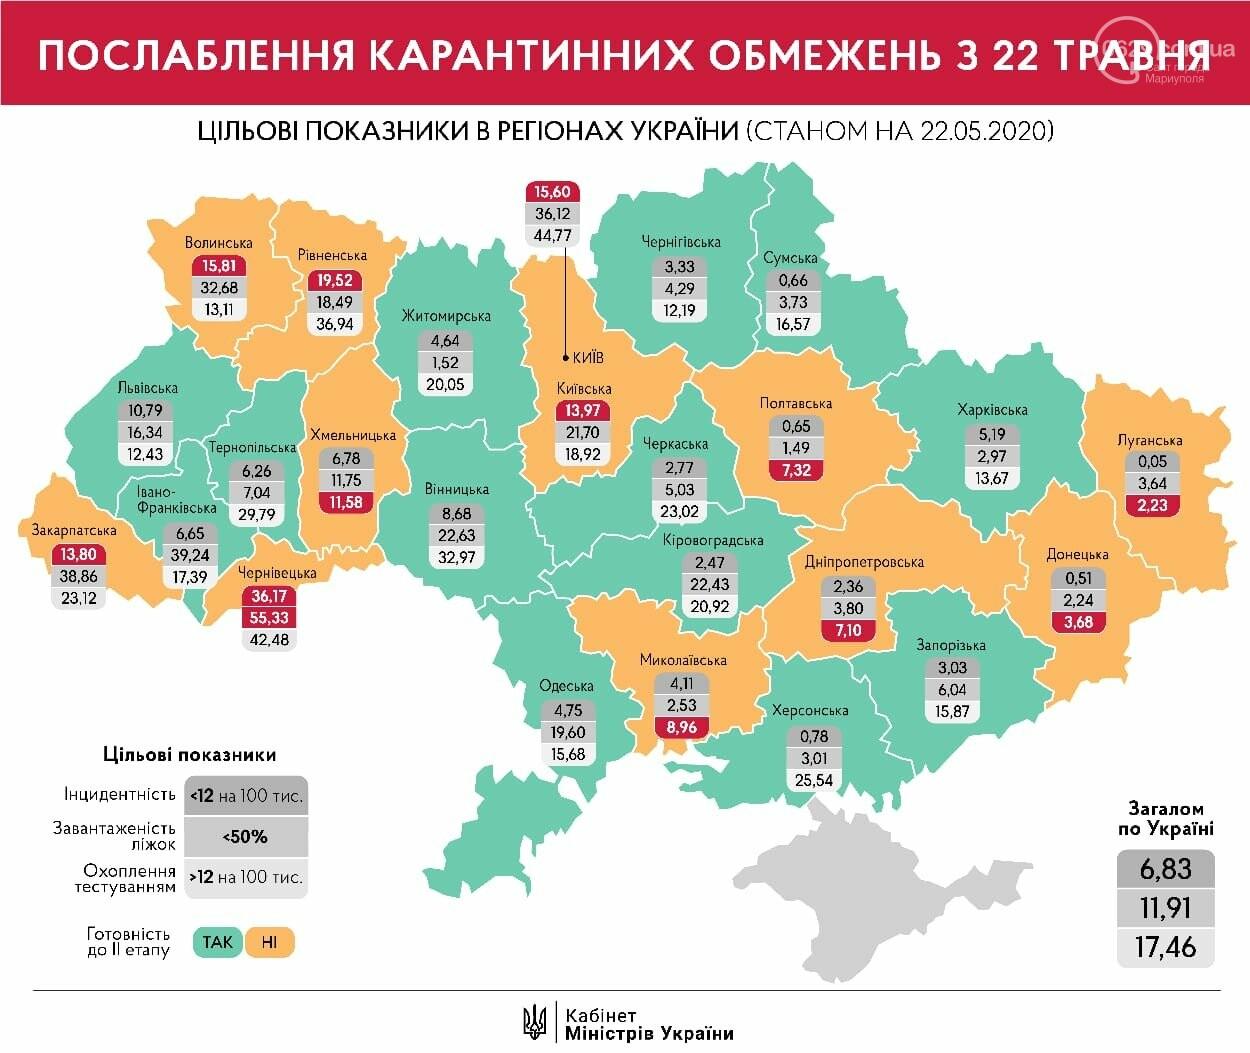 Критерии Минздрава: Донецкая область не готова к послаблениям карантина, - ИНФОГРАФИКА, фото-1